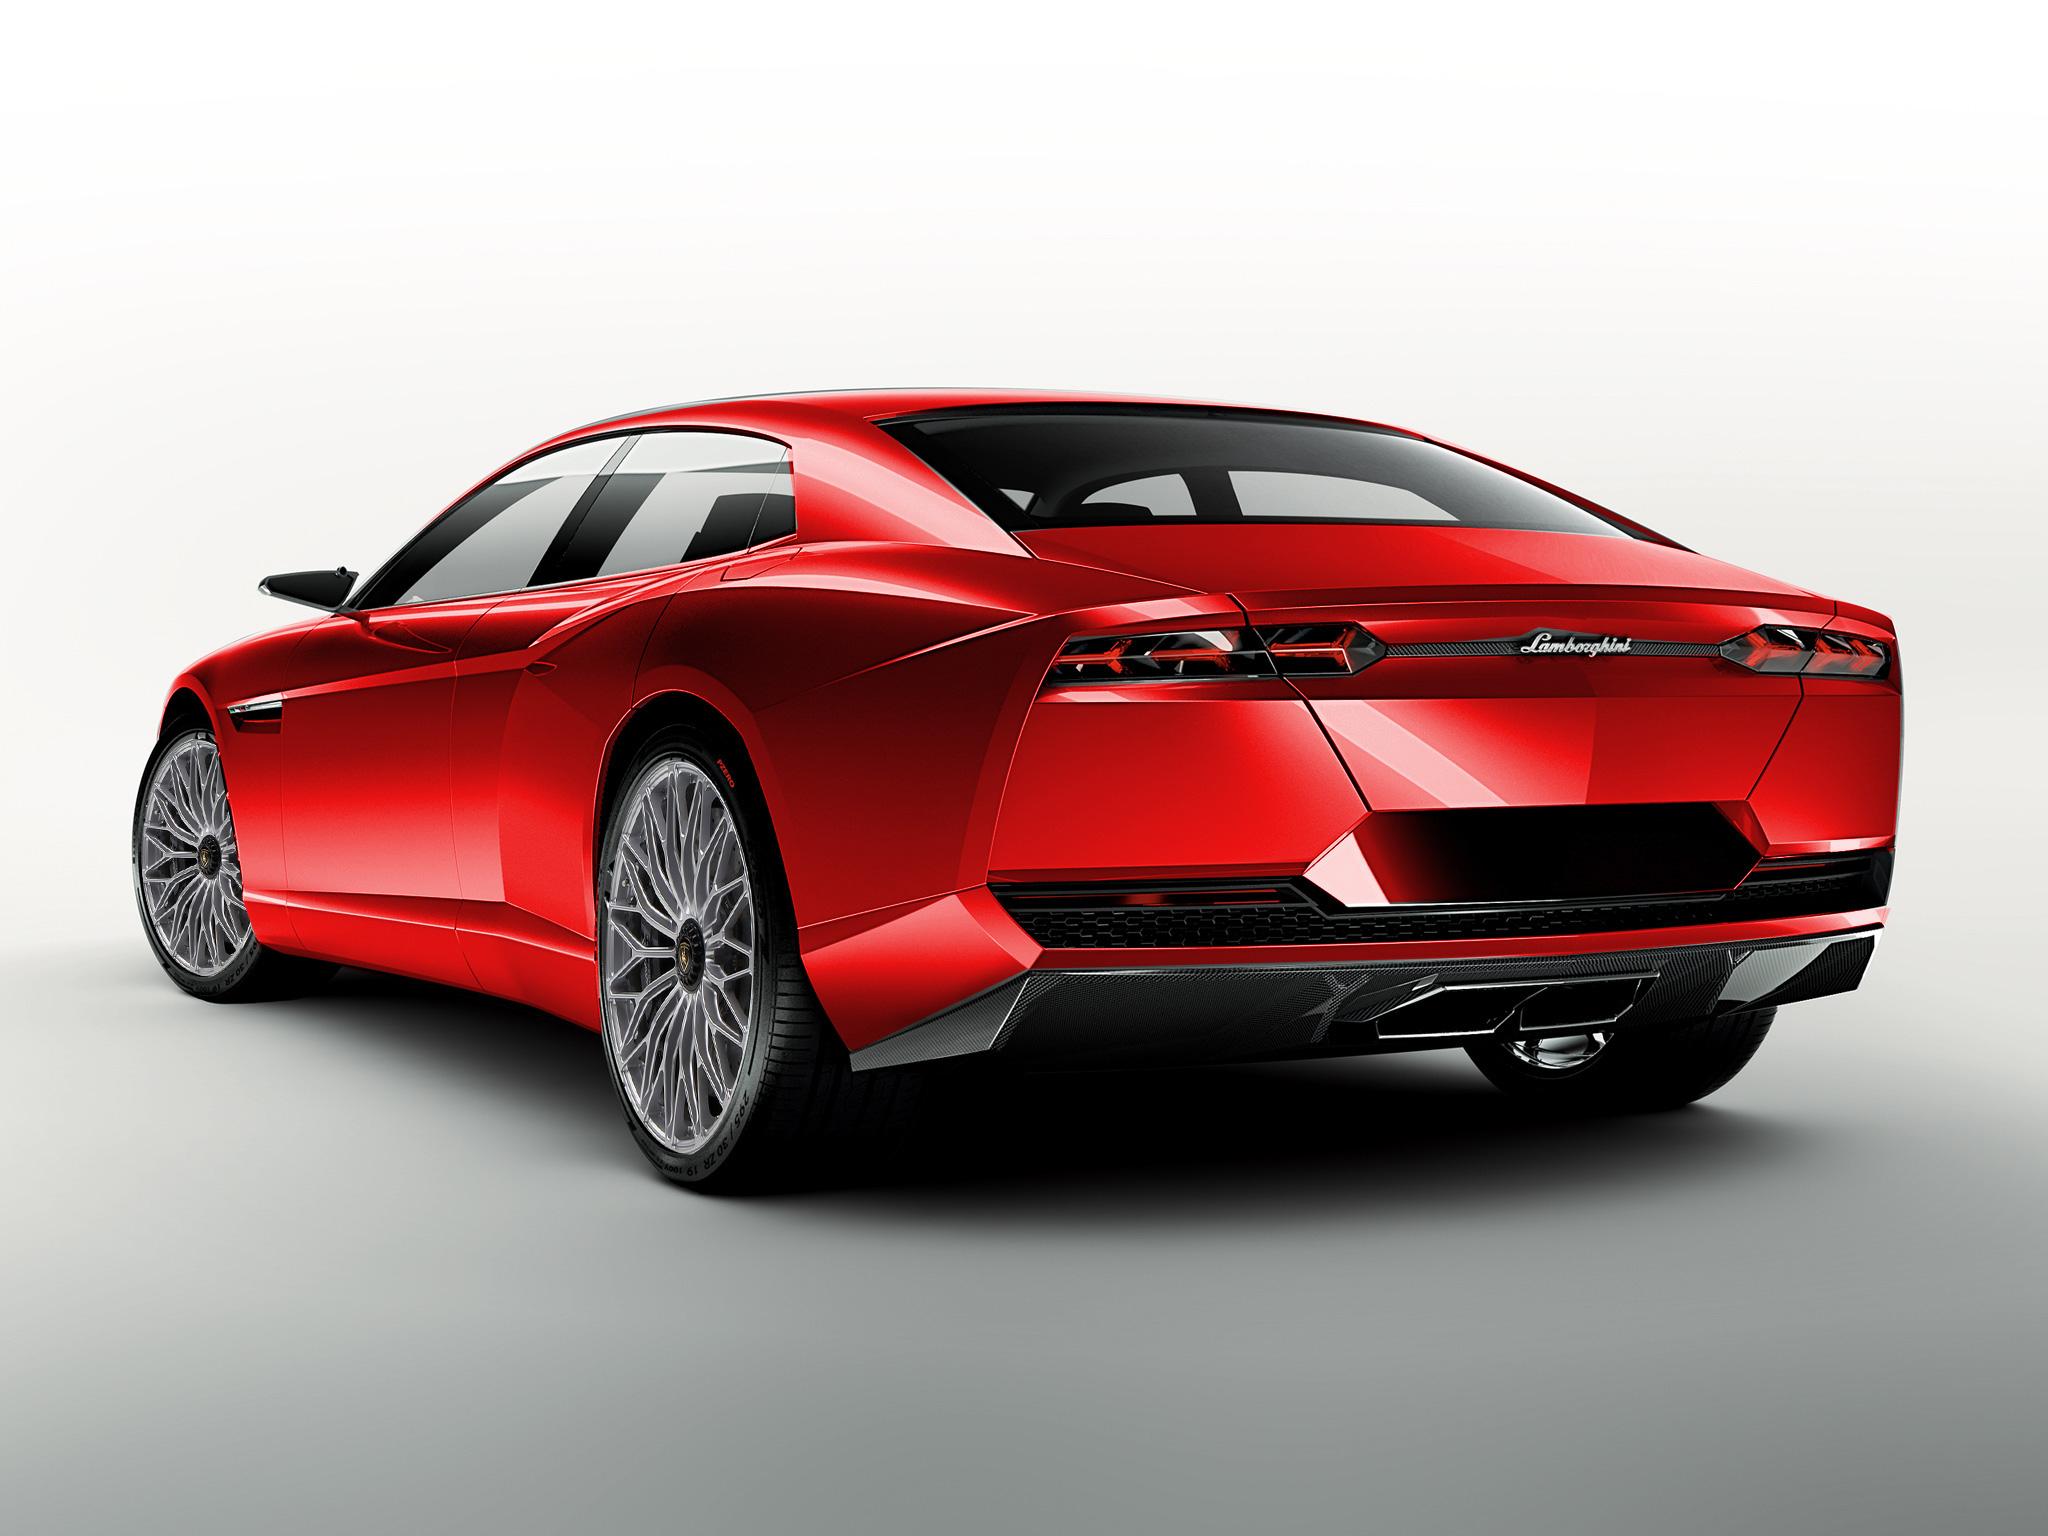 Lamborghini Estoque 2019 renderings (2)